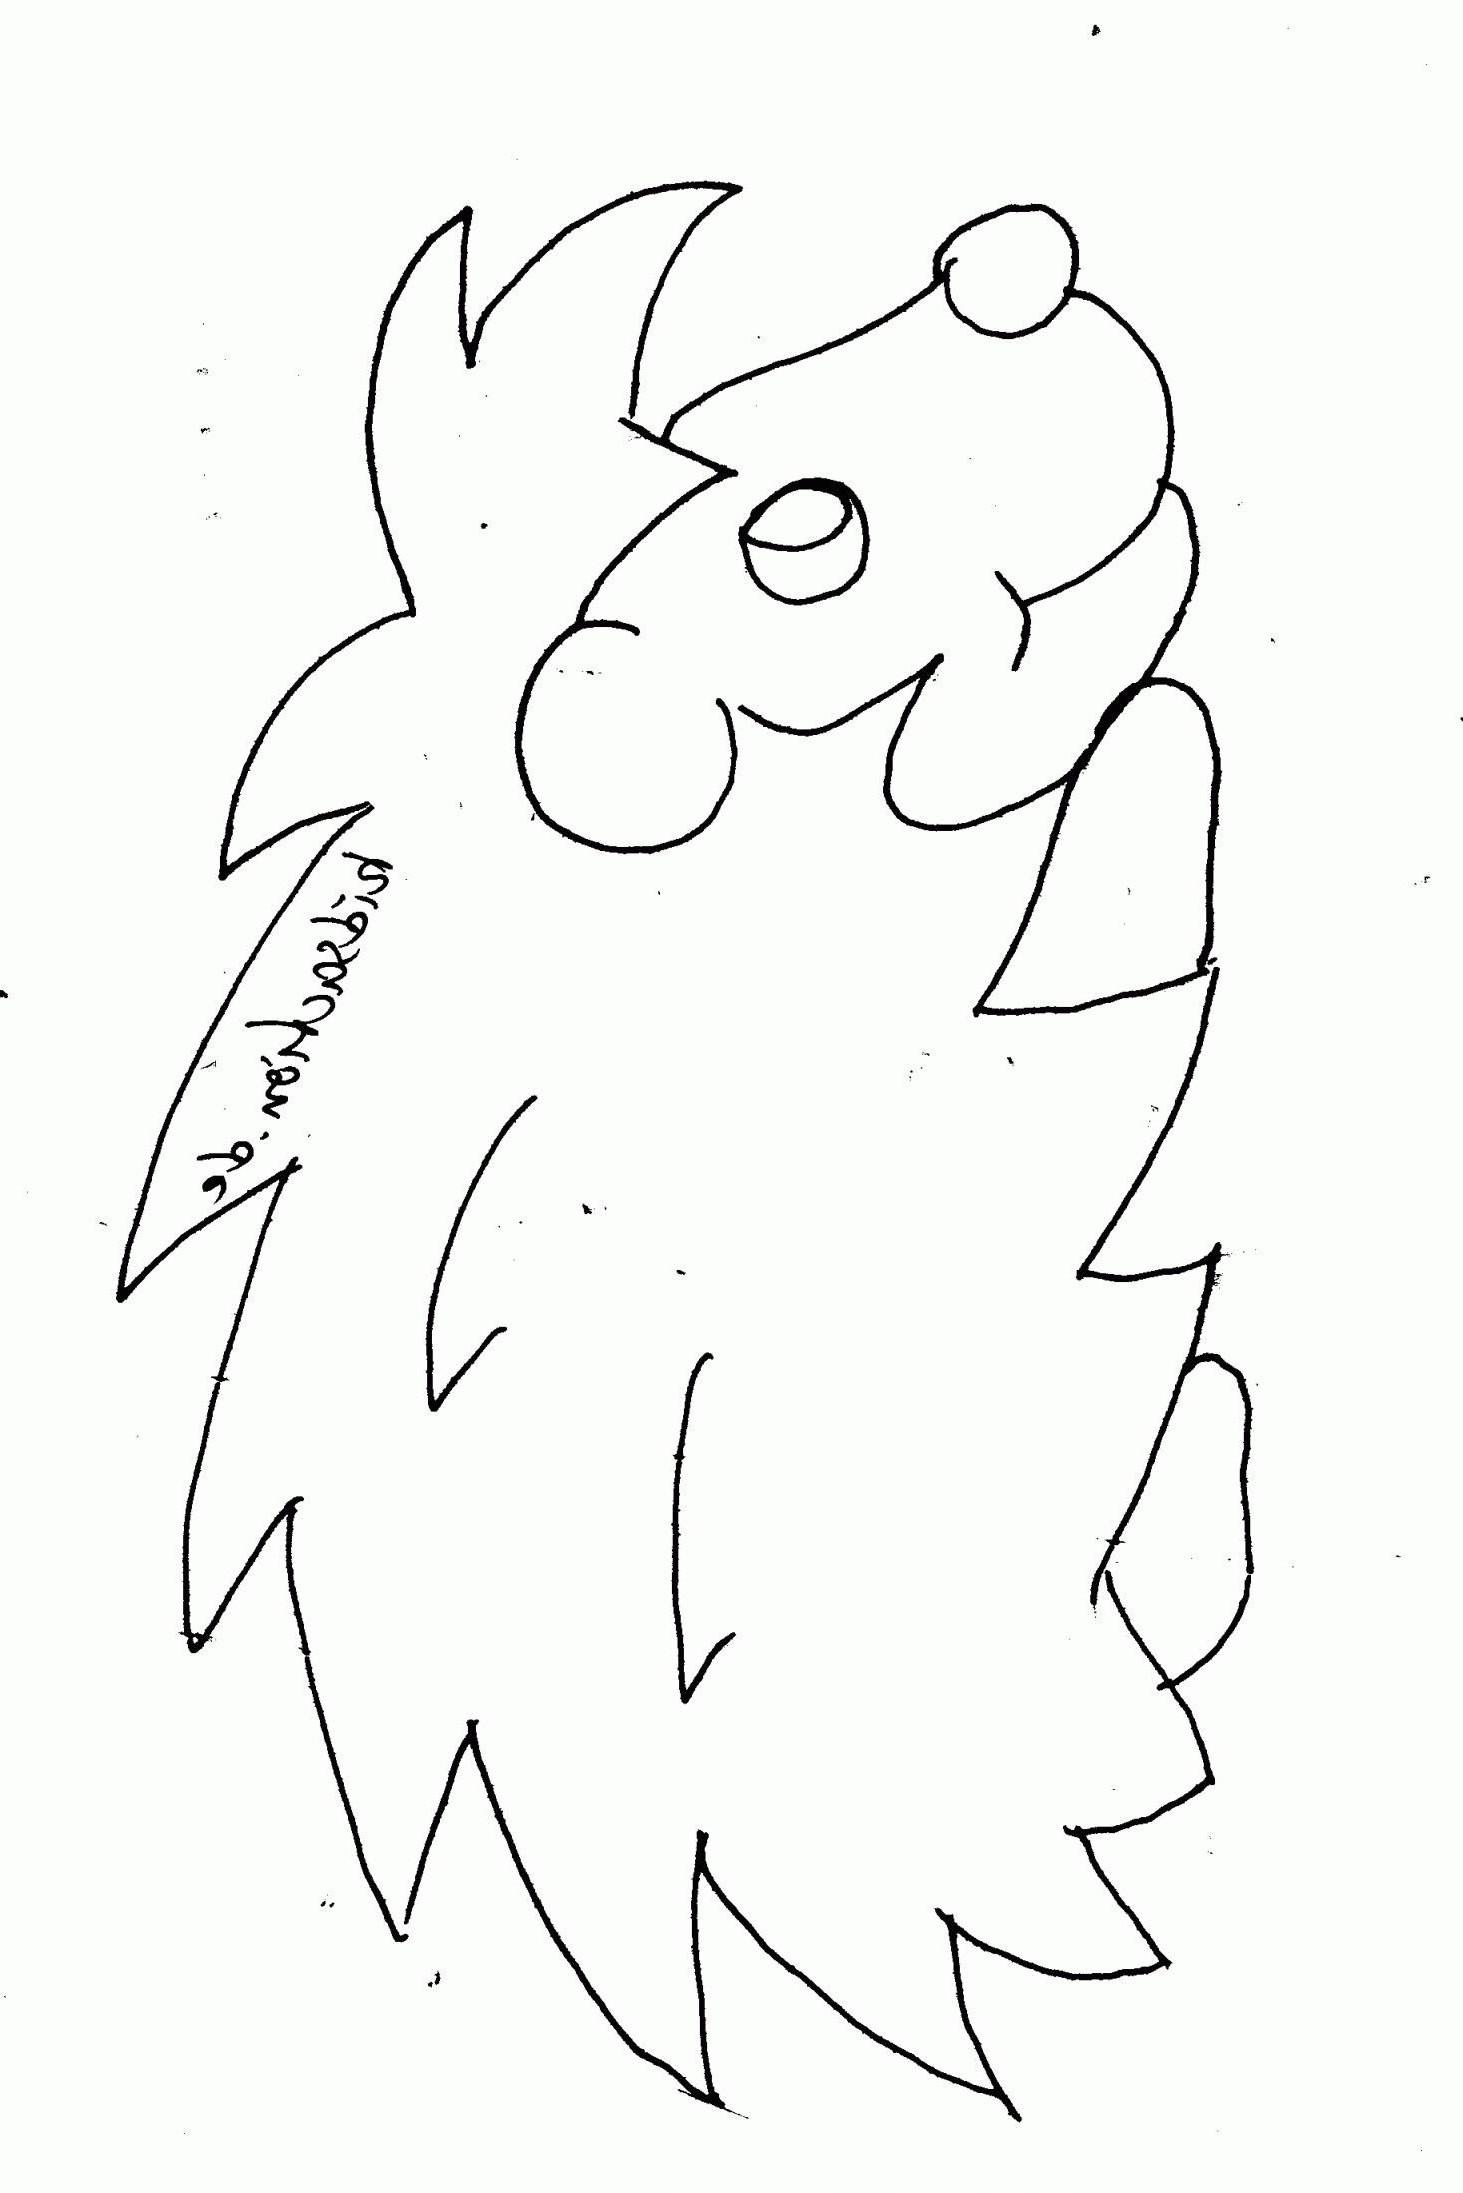 Ausmalbilder Fantasie Tiere Frisch 29 Elegant Mangas Zum Ausmalen – Malvorlagen Ideen Galerie